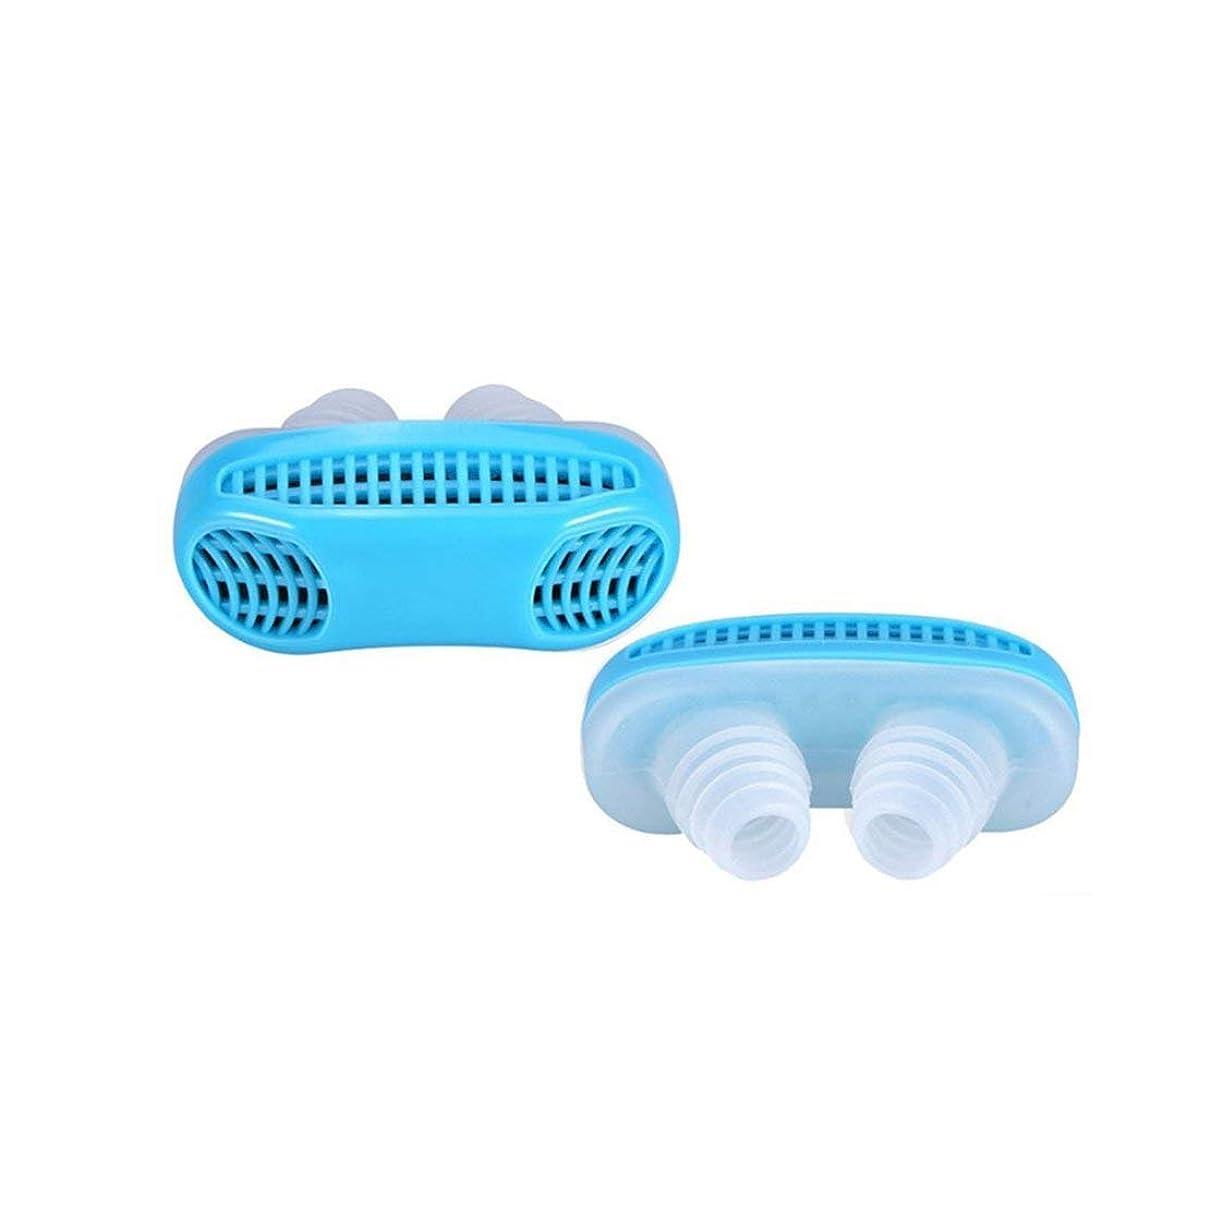 の面では極地カポックアンチいびき最新の空気清浄機ミニ鼻停止いびき鼻呼吸鼻呼吸器睡眠補助空気汚染回避 (PandaWelly)